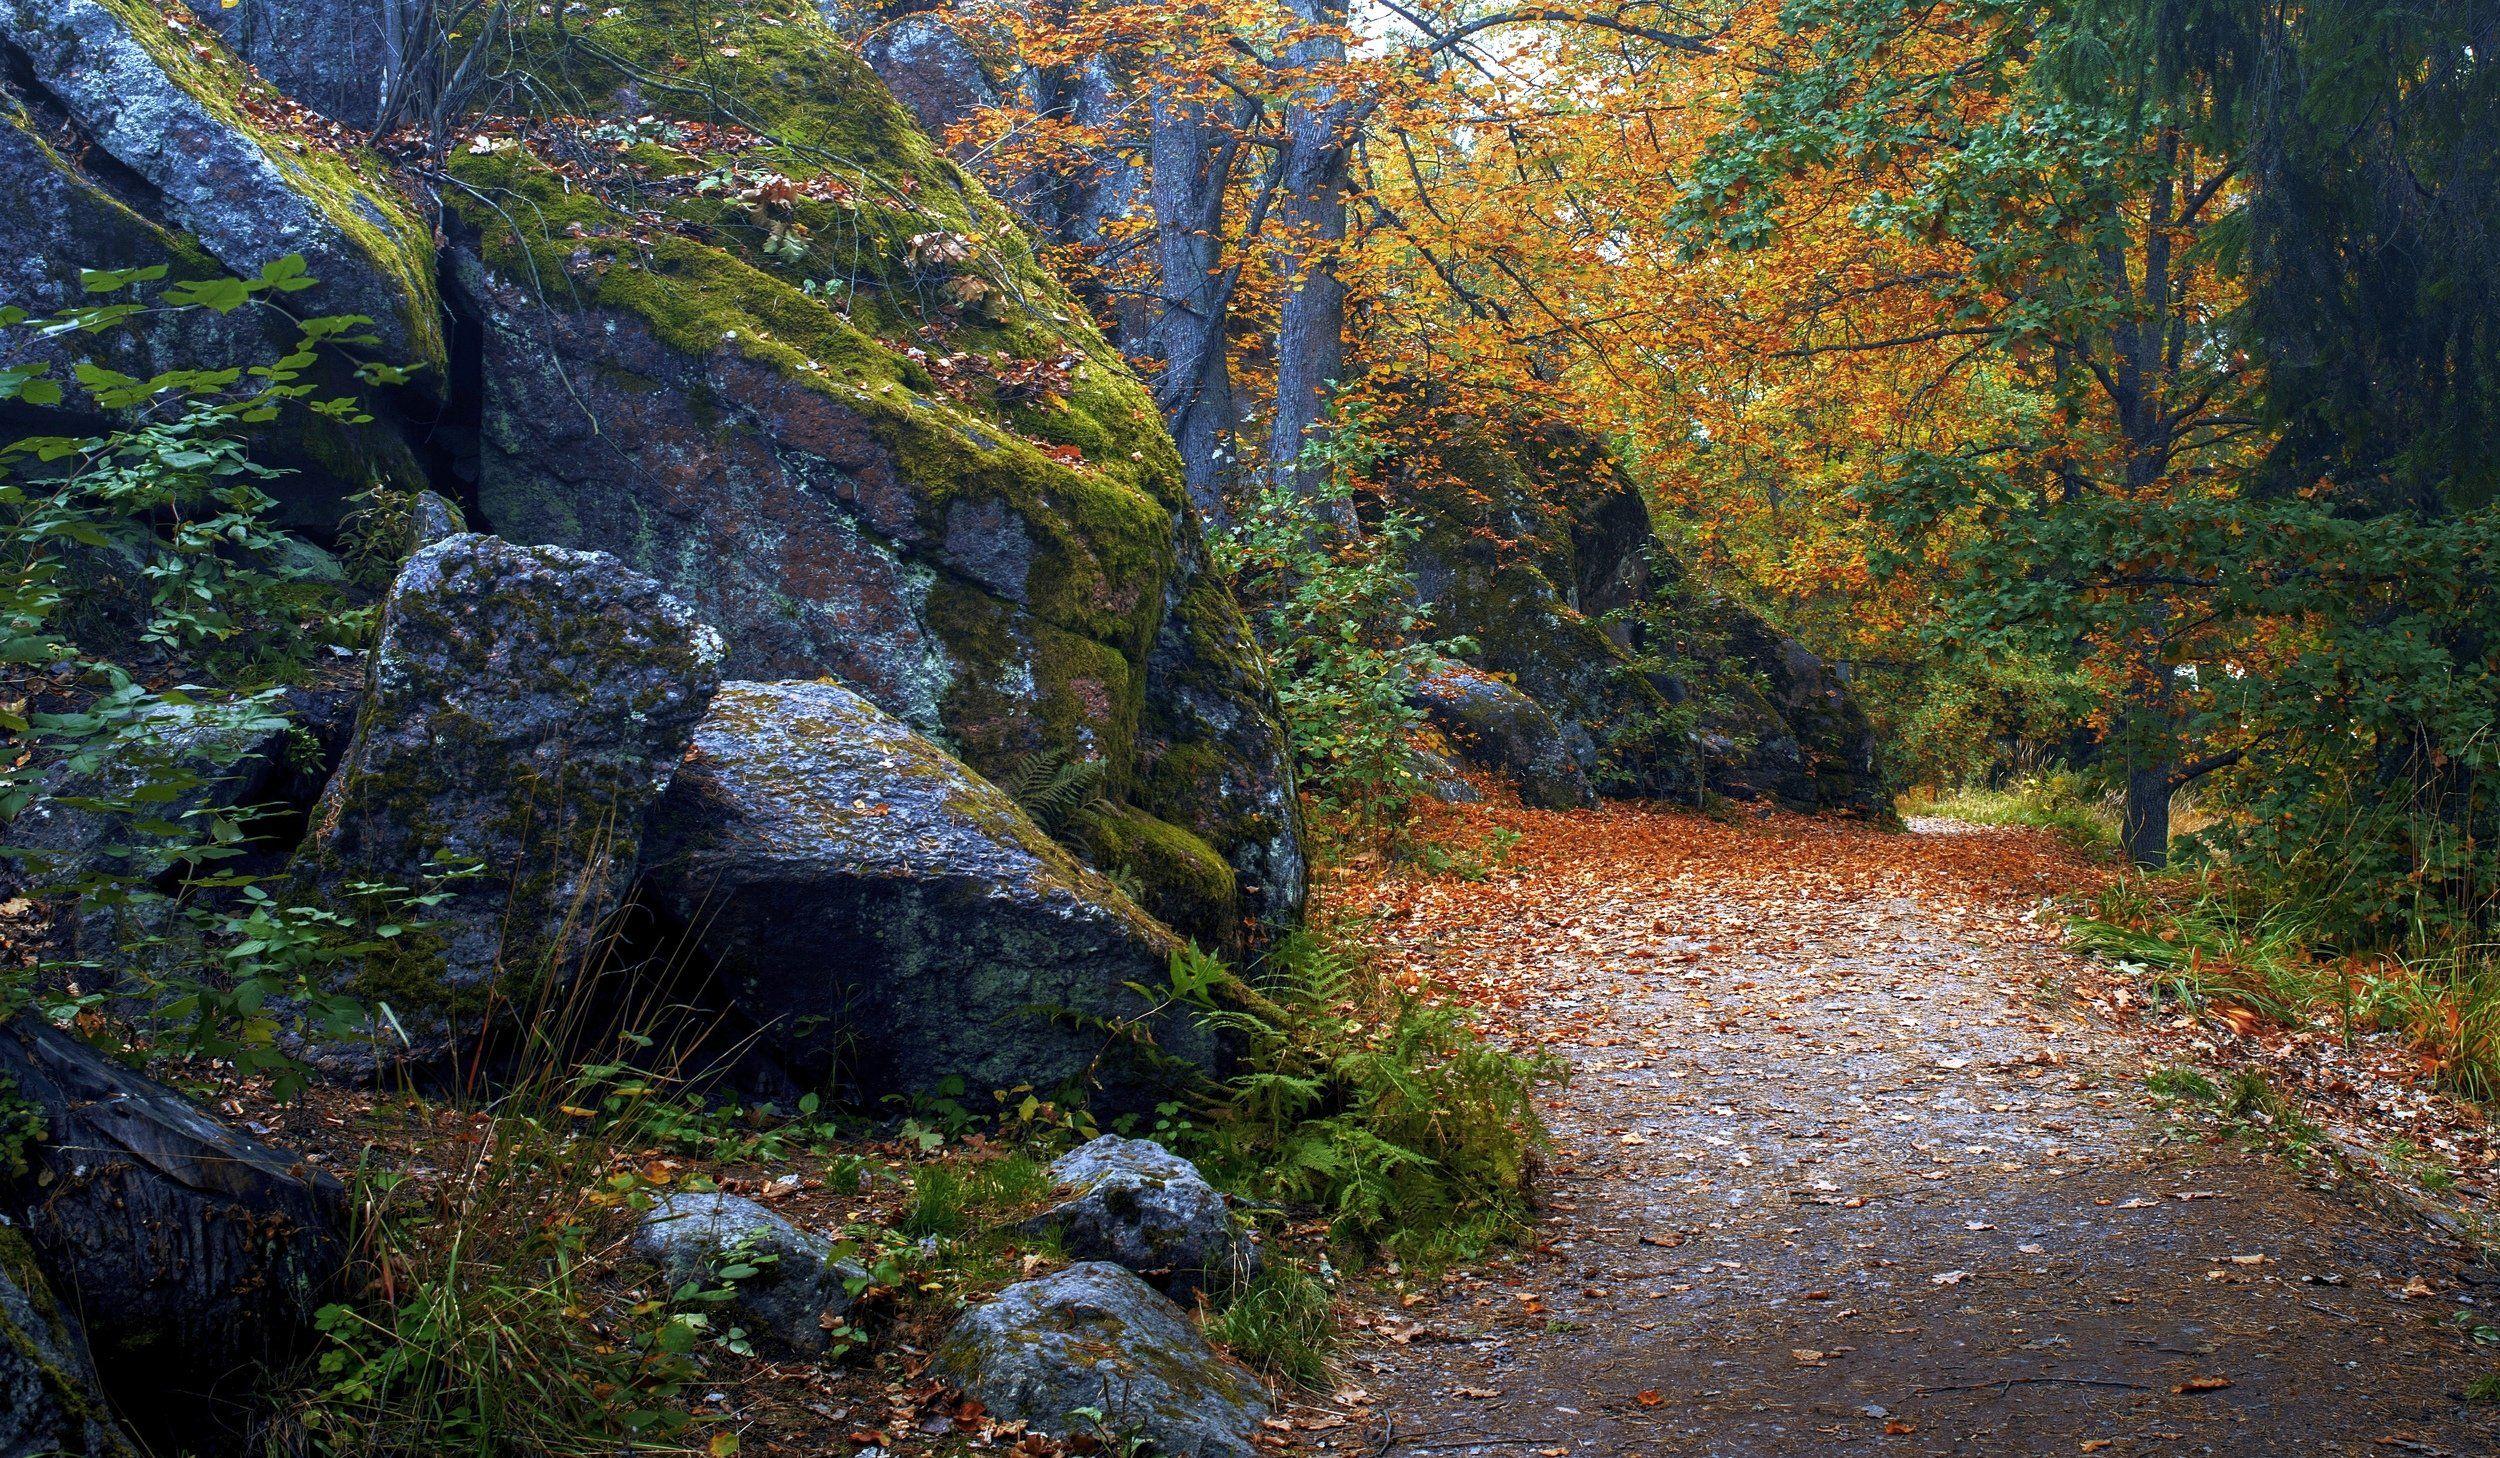 пейзаж,осень,природа,парк,камни,валуны,листья, Тамара